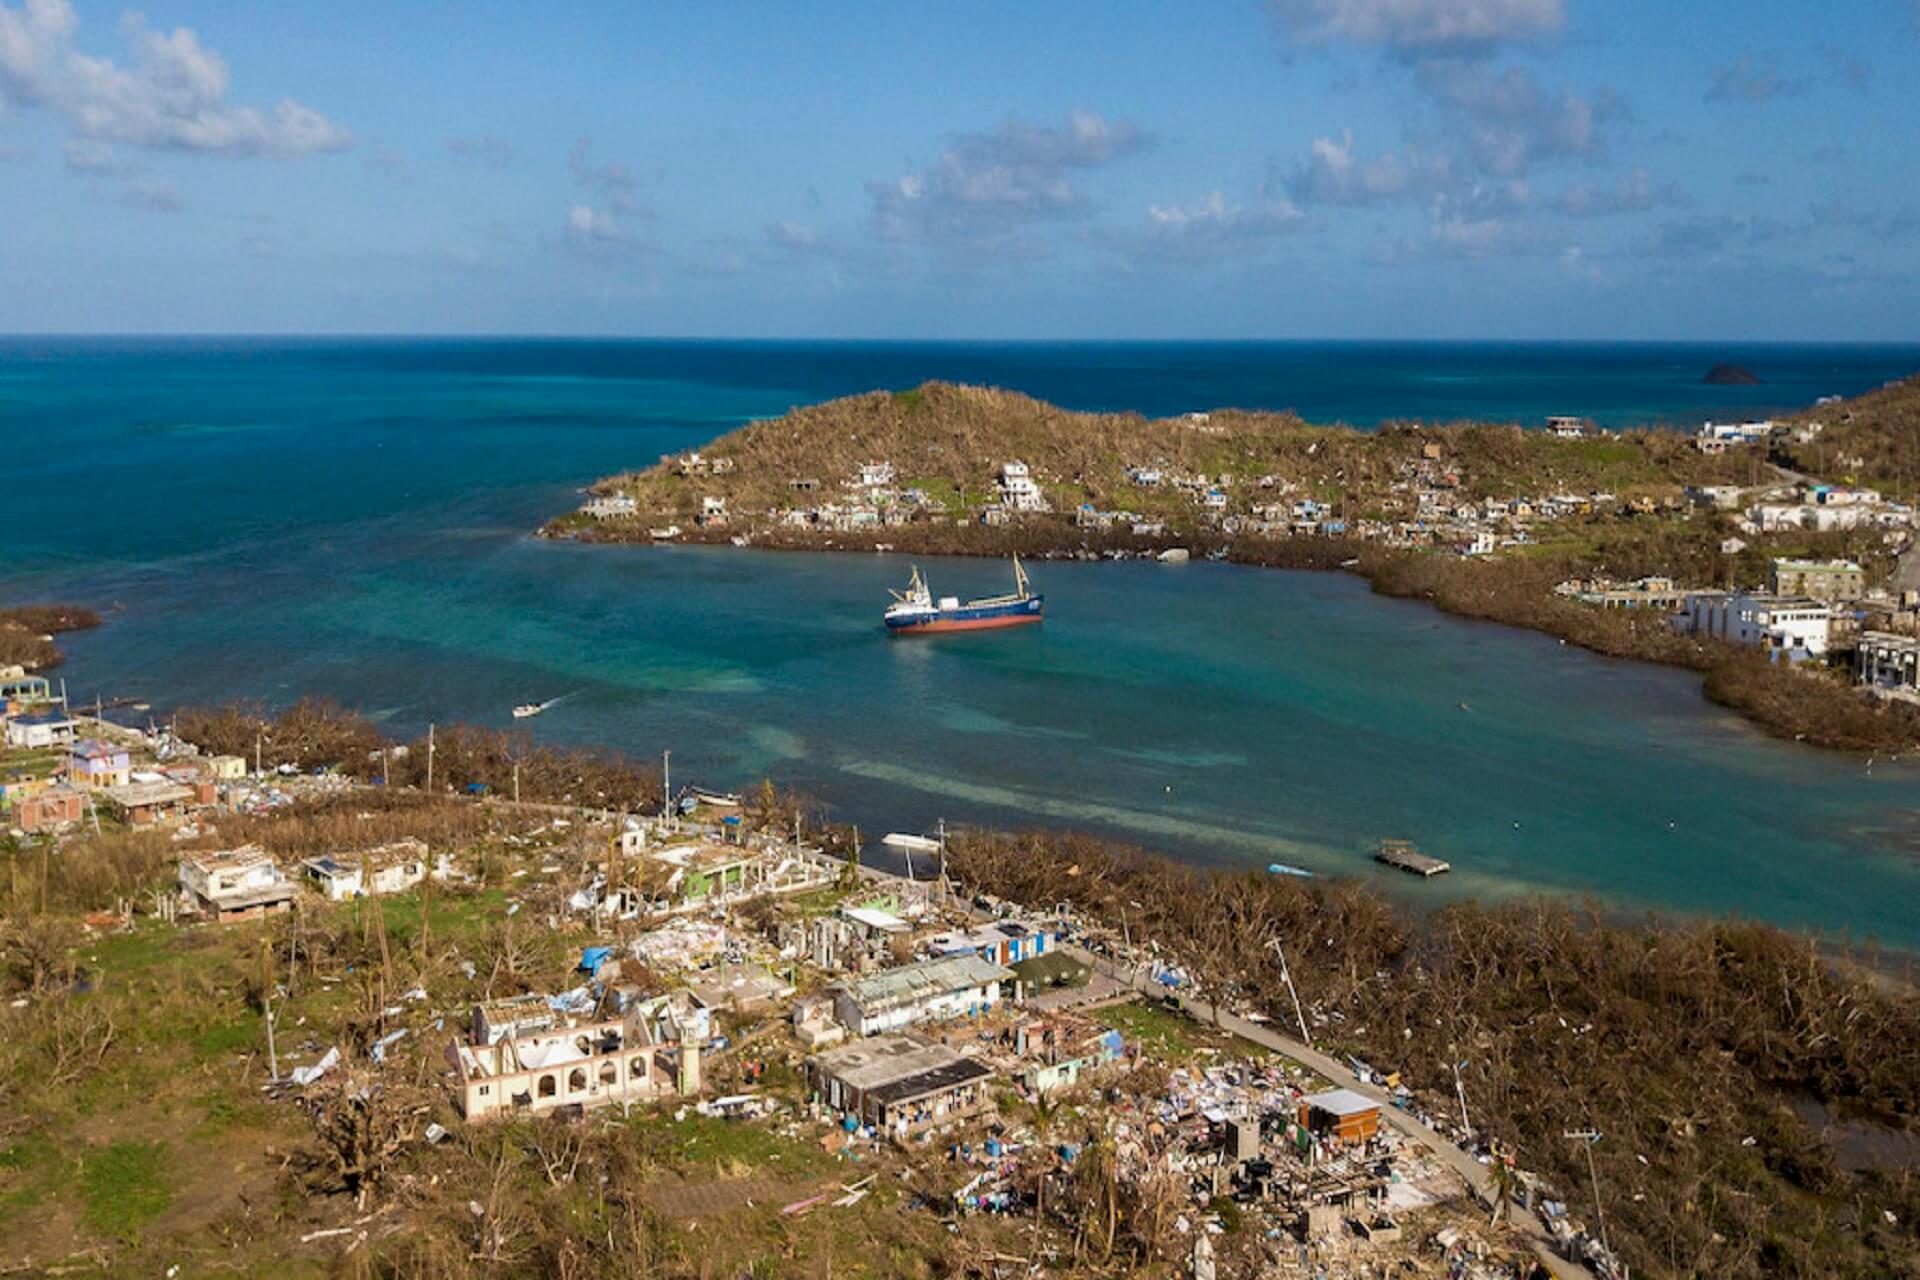 La reconstrucción de San Andrés y Providencia no va por buen camino - Razón  Pública